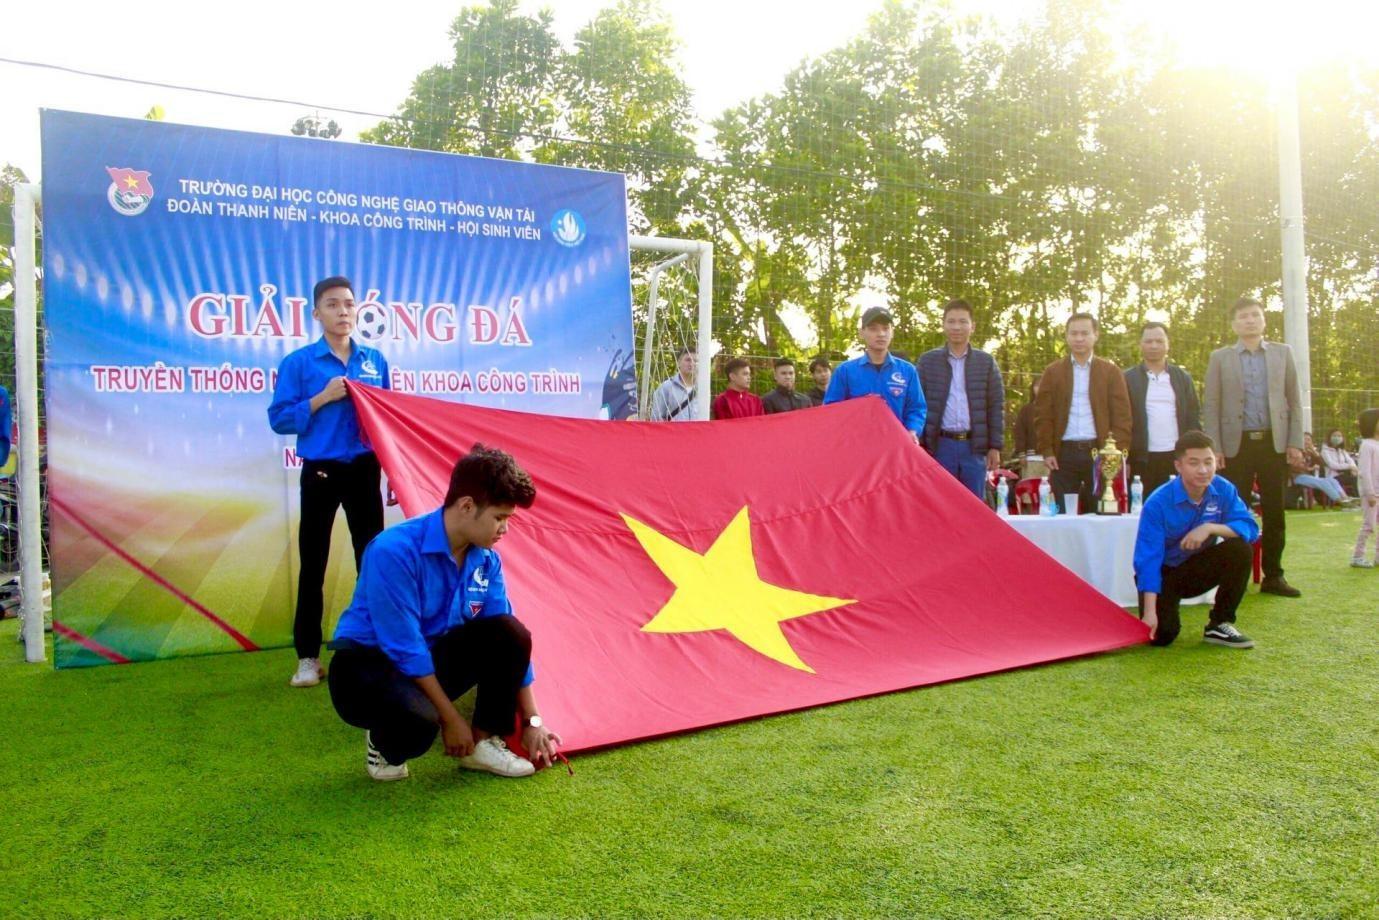 Giải bóng đá truyền thống nam Sinh viên Khoa Công trình lần thứ 8